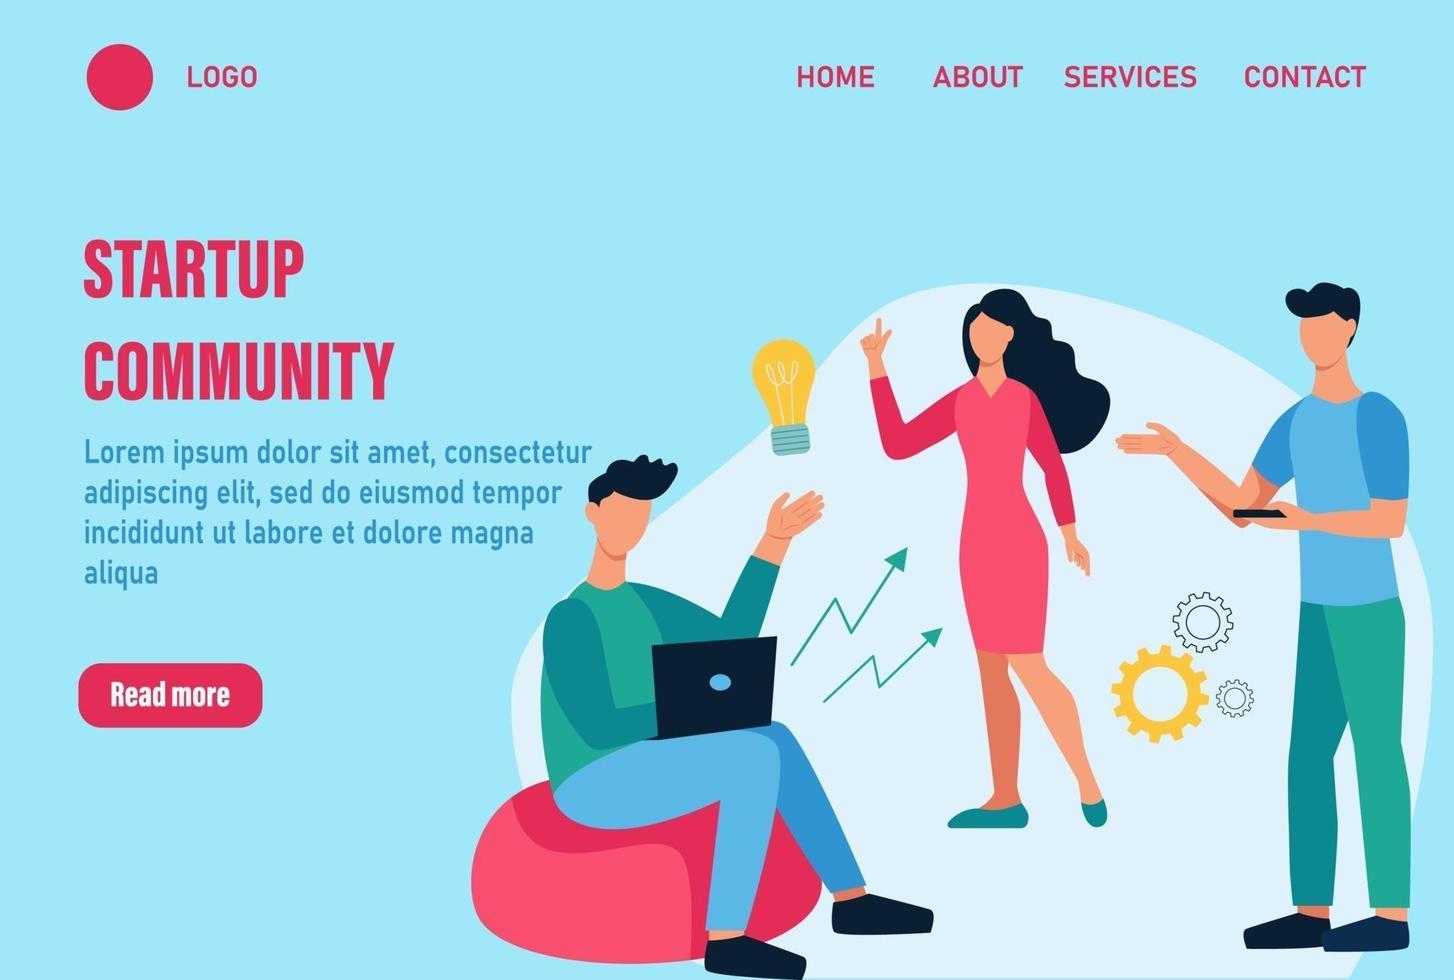 sartup community målsidesvektormall. lagarbete, diskussion av frågor, idégenerering, kreativitet. unga män och kvinnor arbetar tillsammans. platt tecknad vektorillustration. vektor